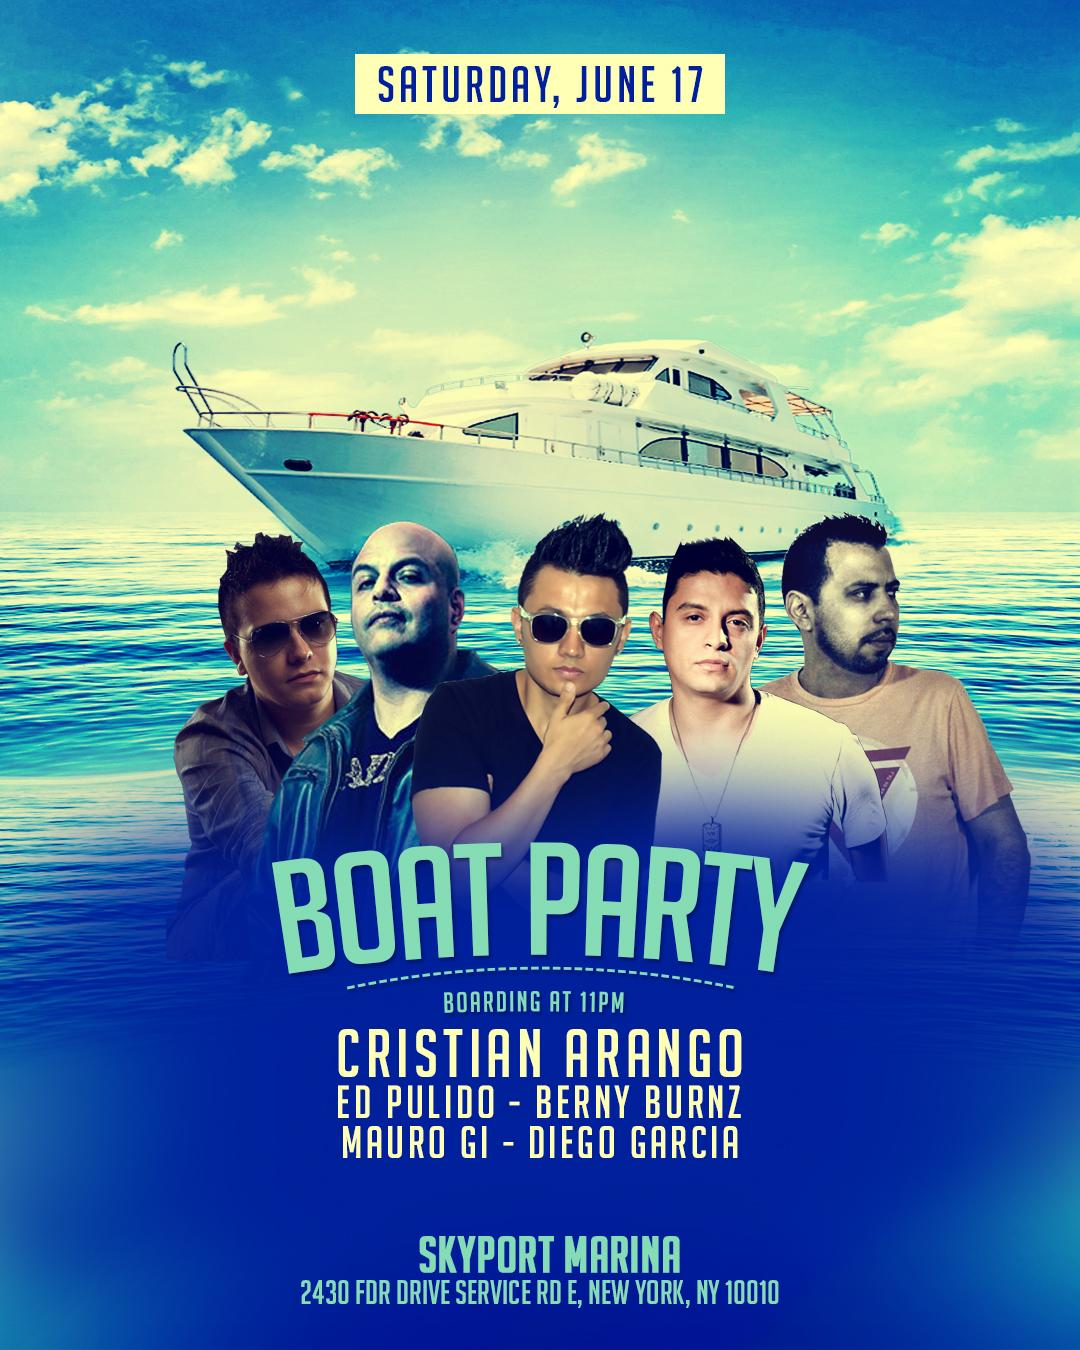 Boat Party w/ Cristian Arango, Ed Pulido, Berny Burnz, Diego Garcia, Mauro GI. Boat Party w/ Cristian Arango, Ed Pulido, Berny Burnz, Diego Garcia, Mauro GI